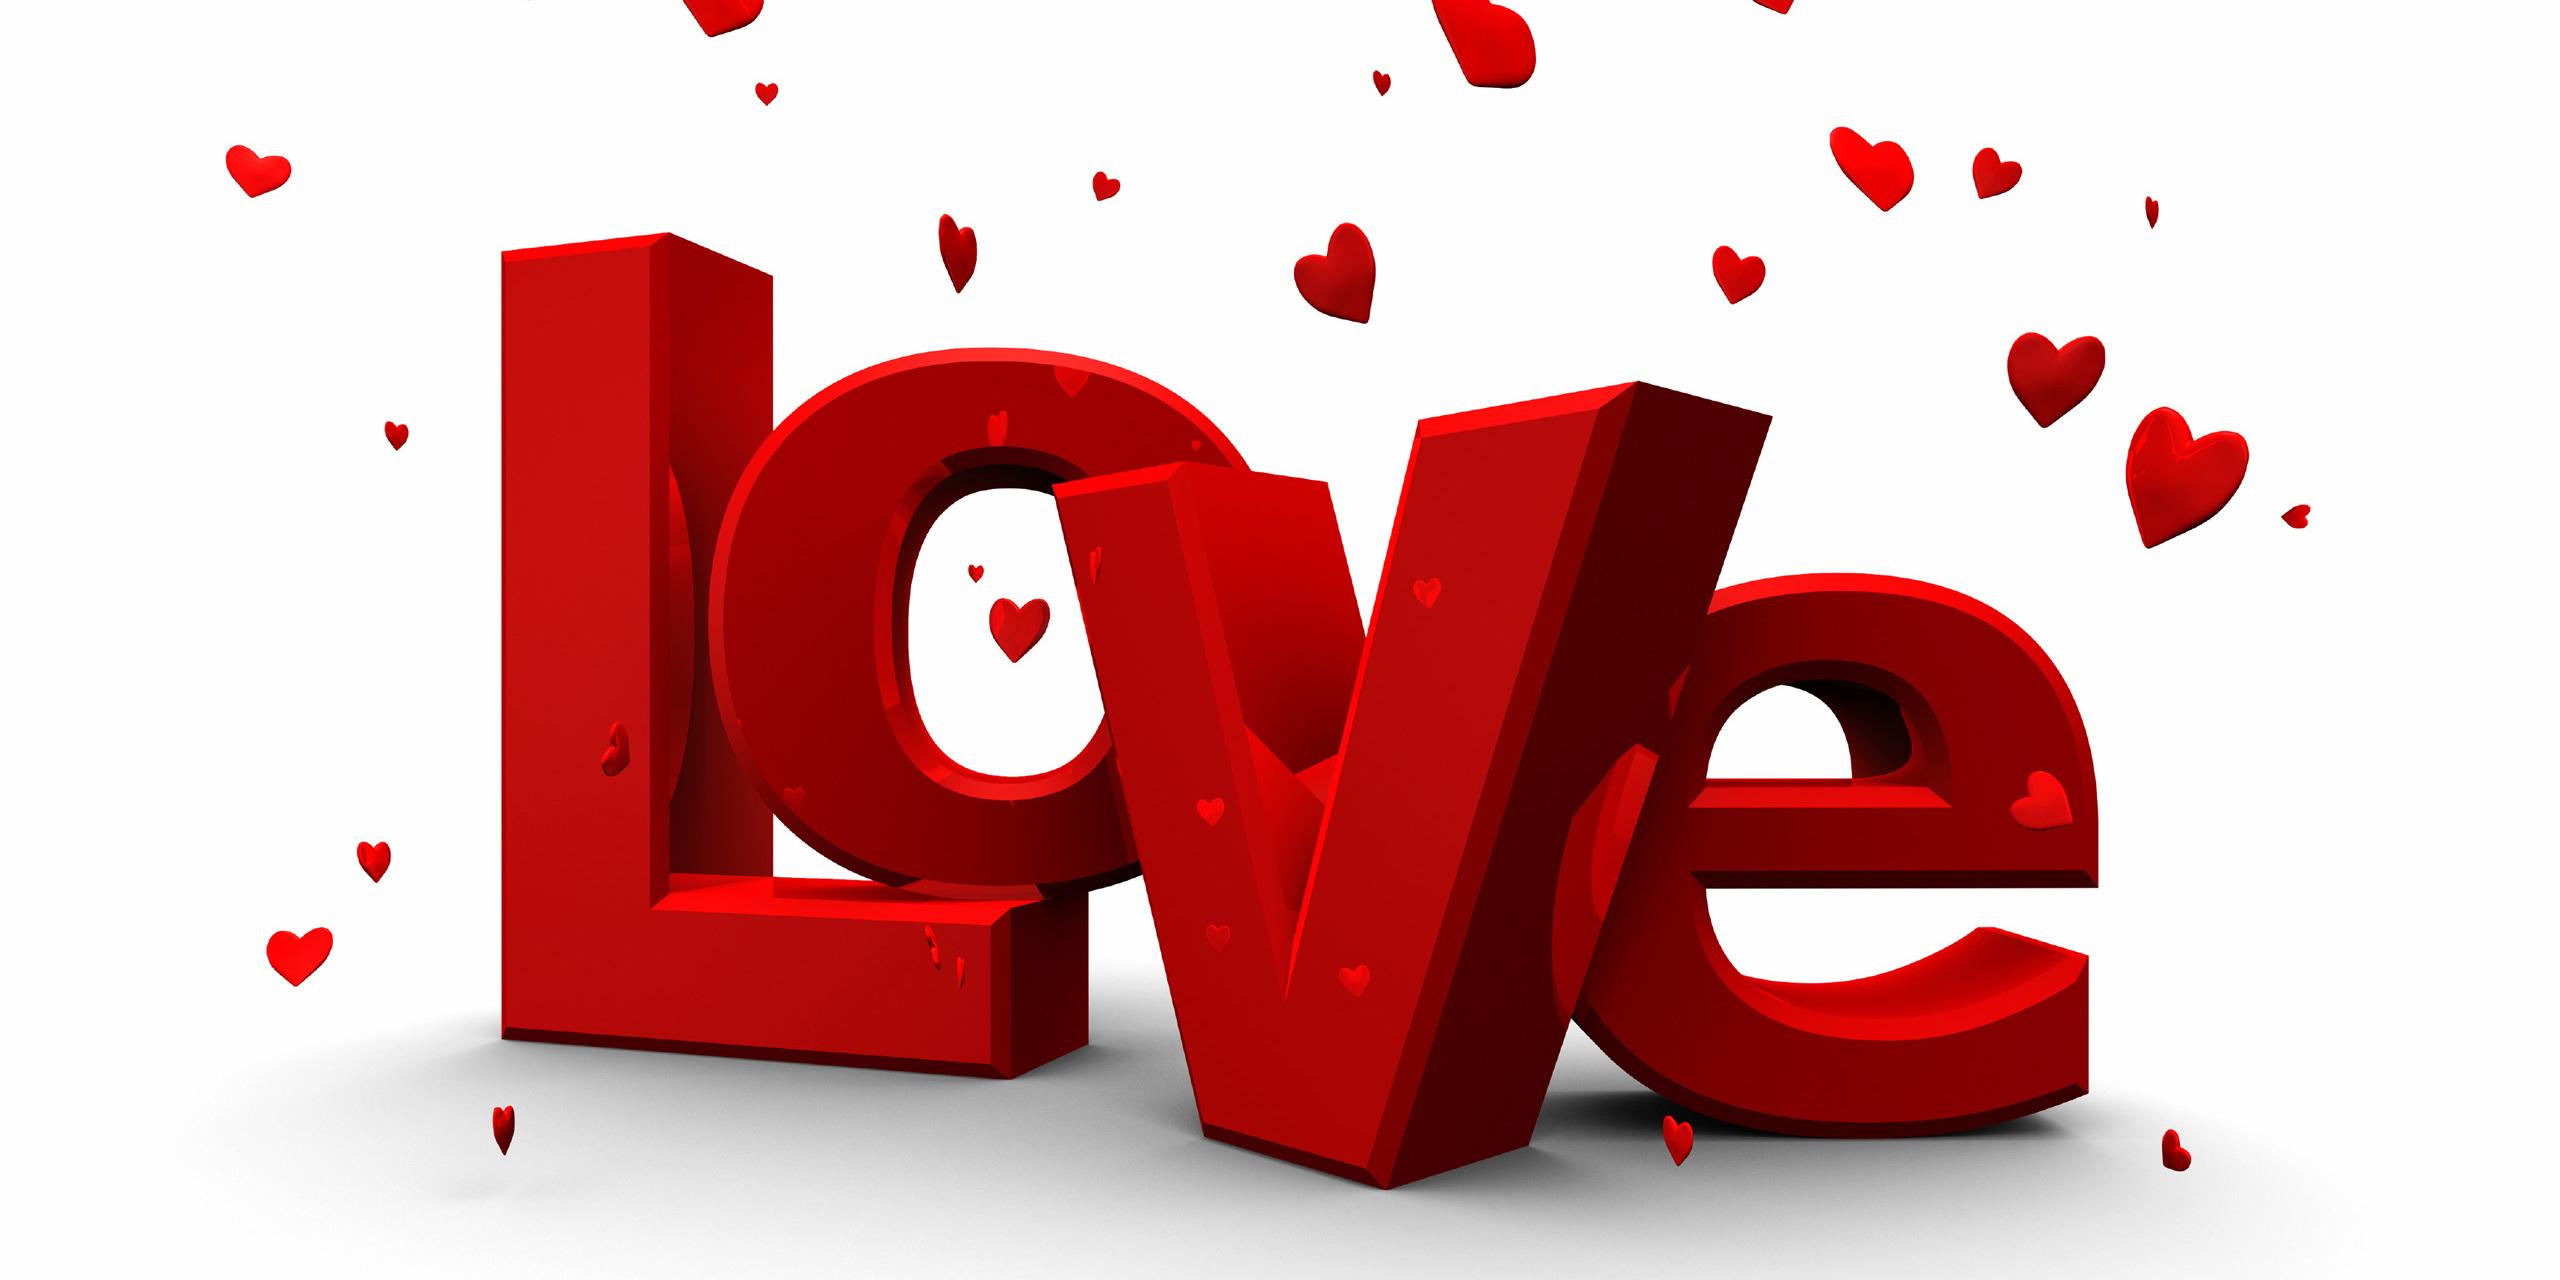 Toni Love